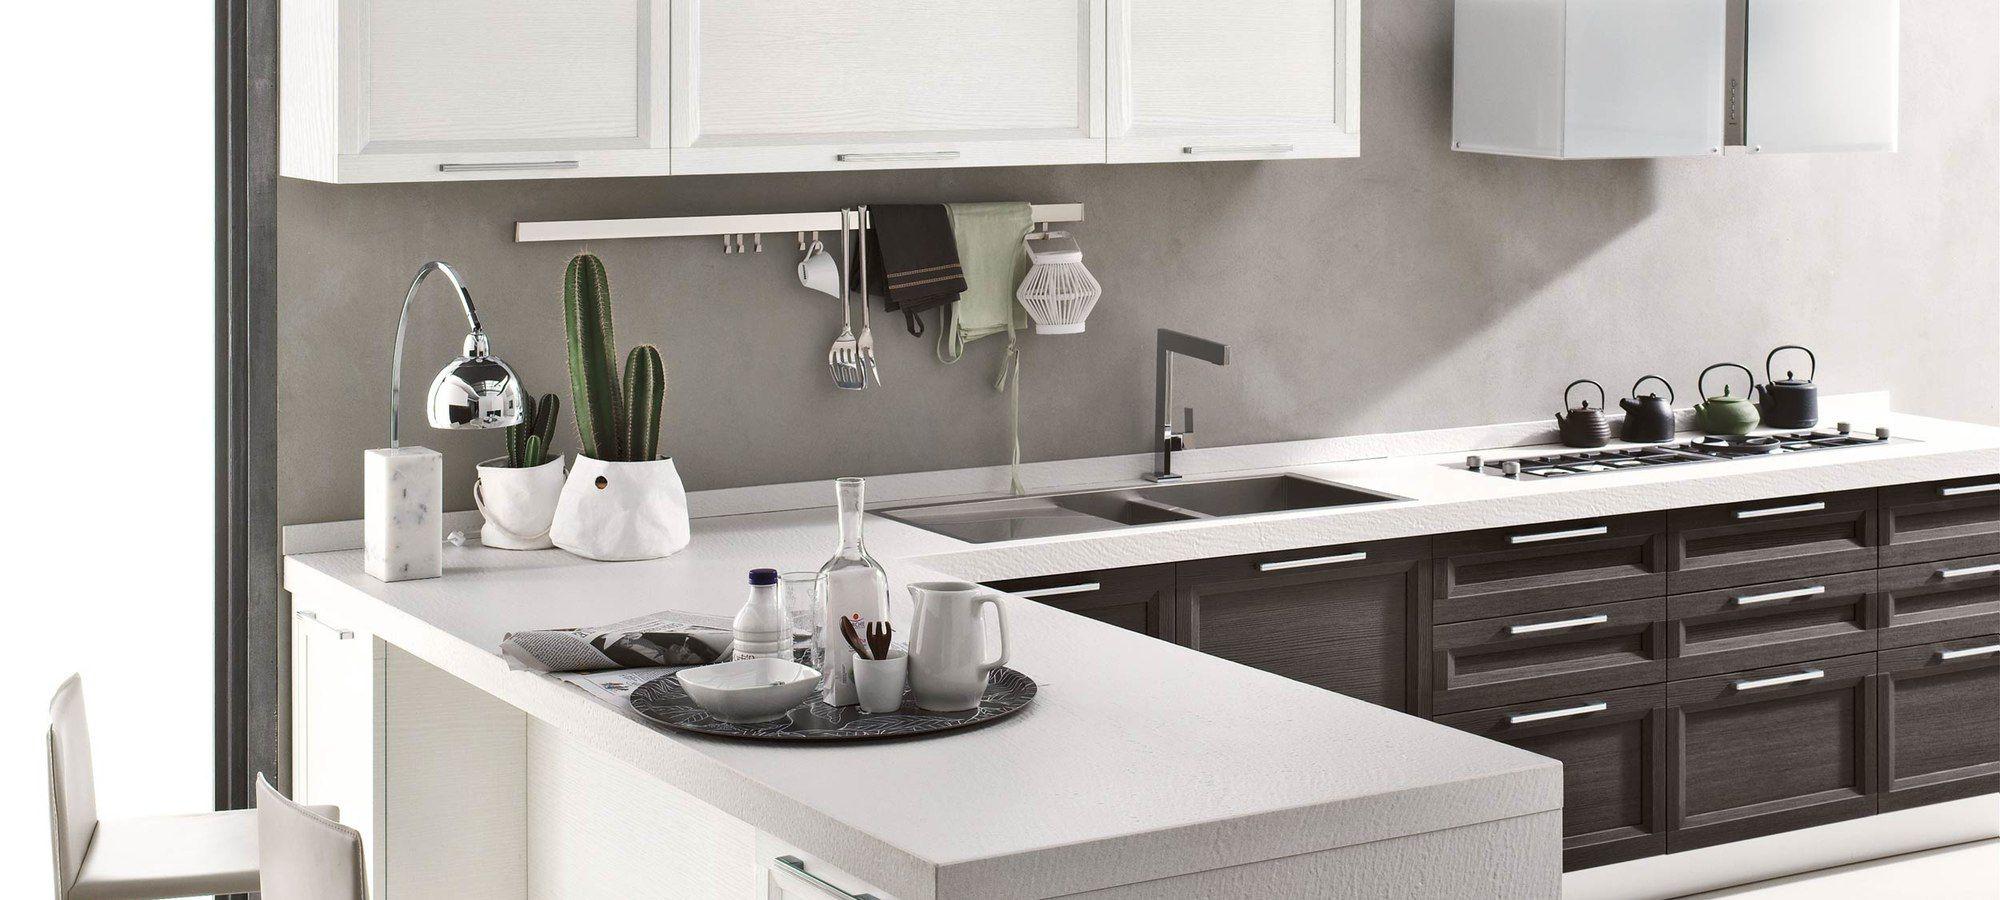 cucine moderne stosa - modello cucina malibù 02 | arredamento ...